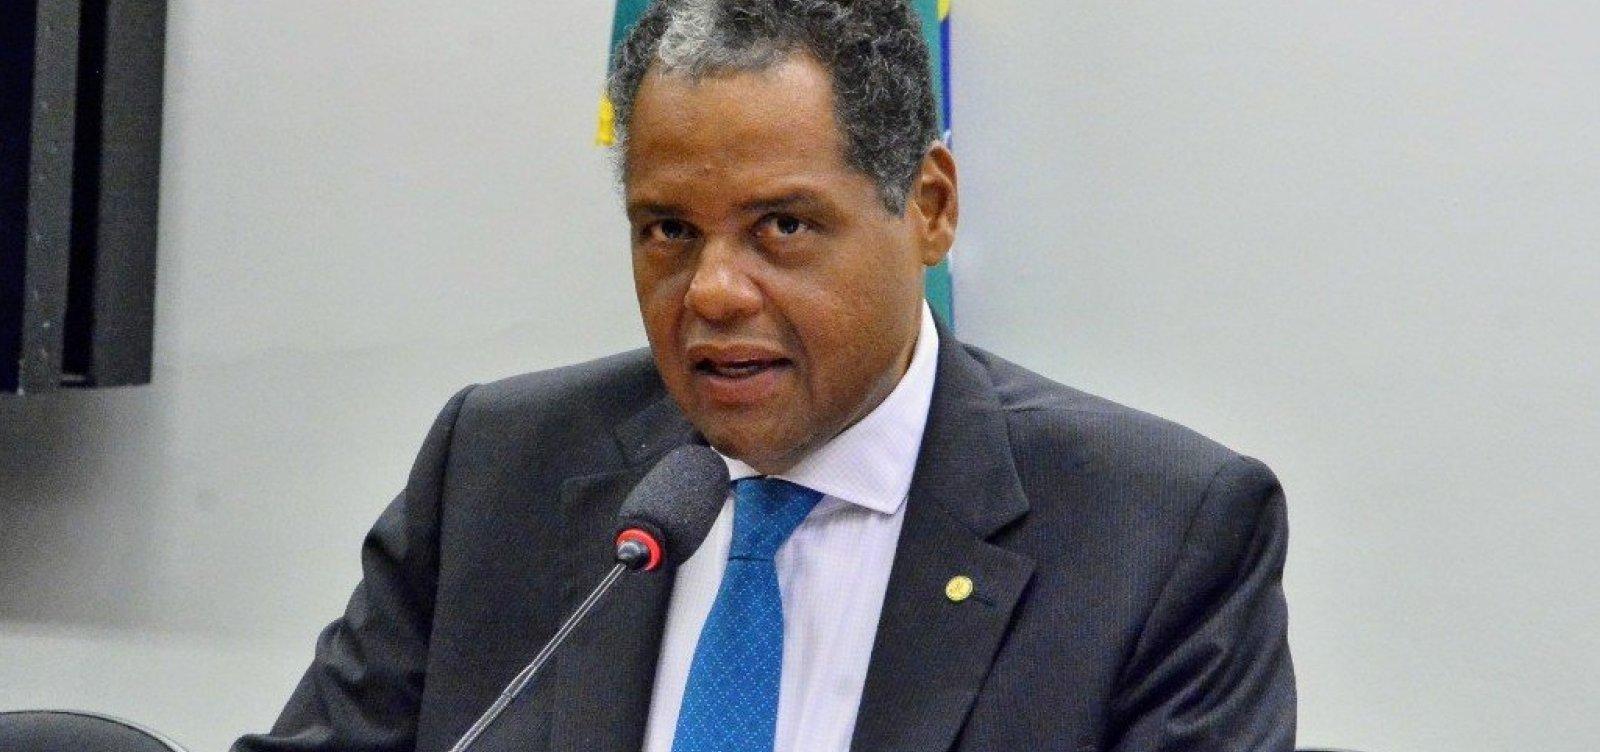 [Governo federal libera R$ 97 milhões a hospitais filantrópicos da Bahia para combate a Covid-19]